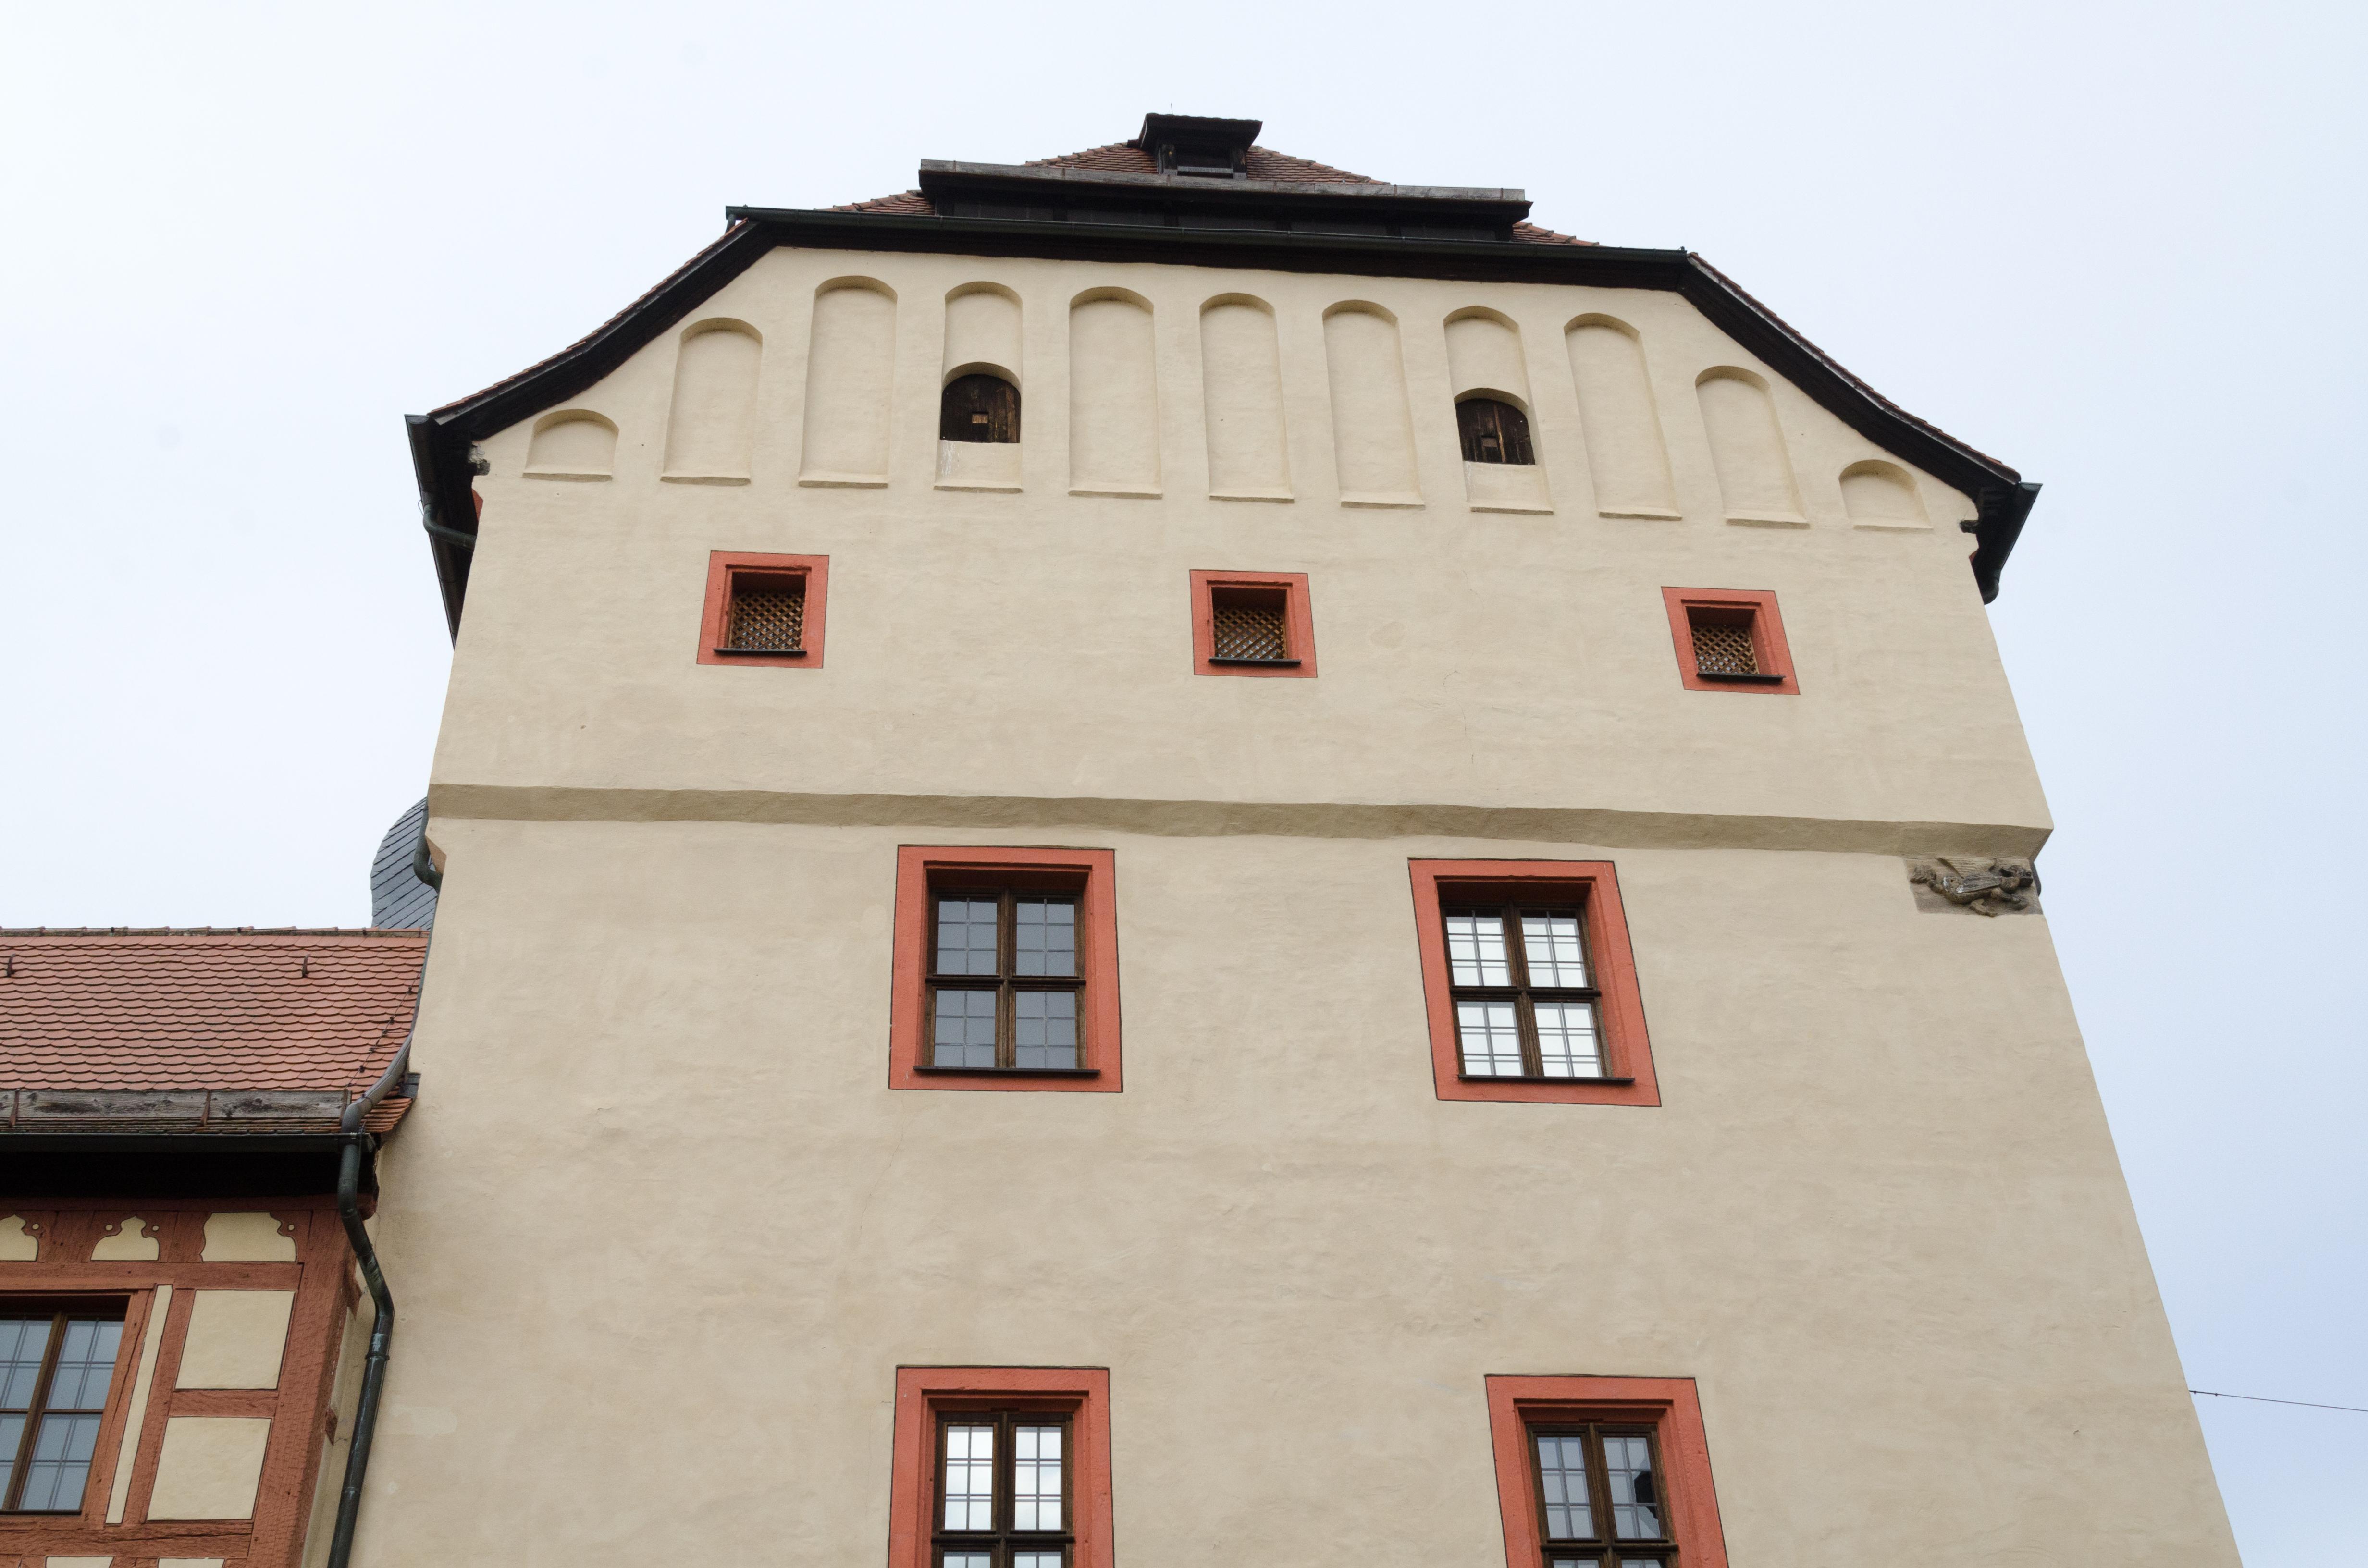 amerikanische singles in deutschland Schwäbisch Hall